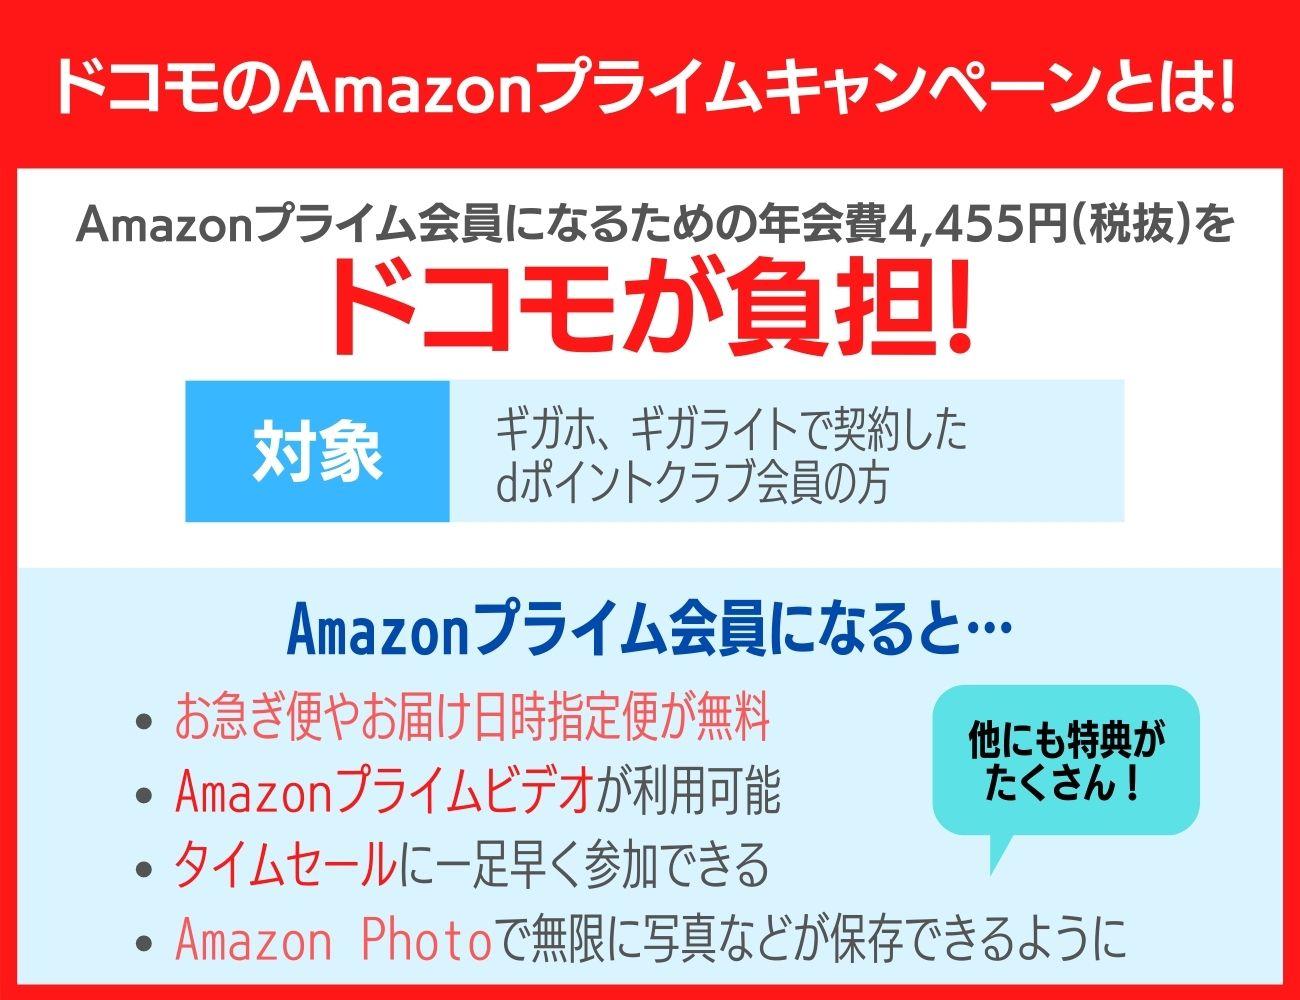 ドコモで始まったAmazonプライム無料キャンペーンの概要